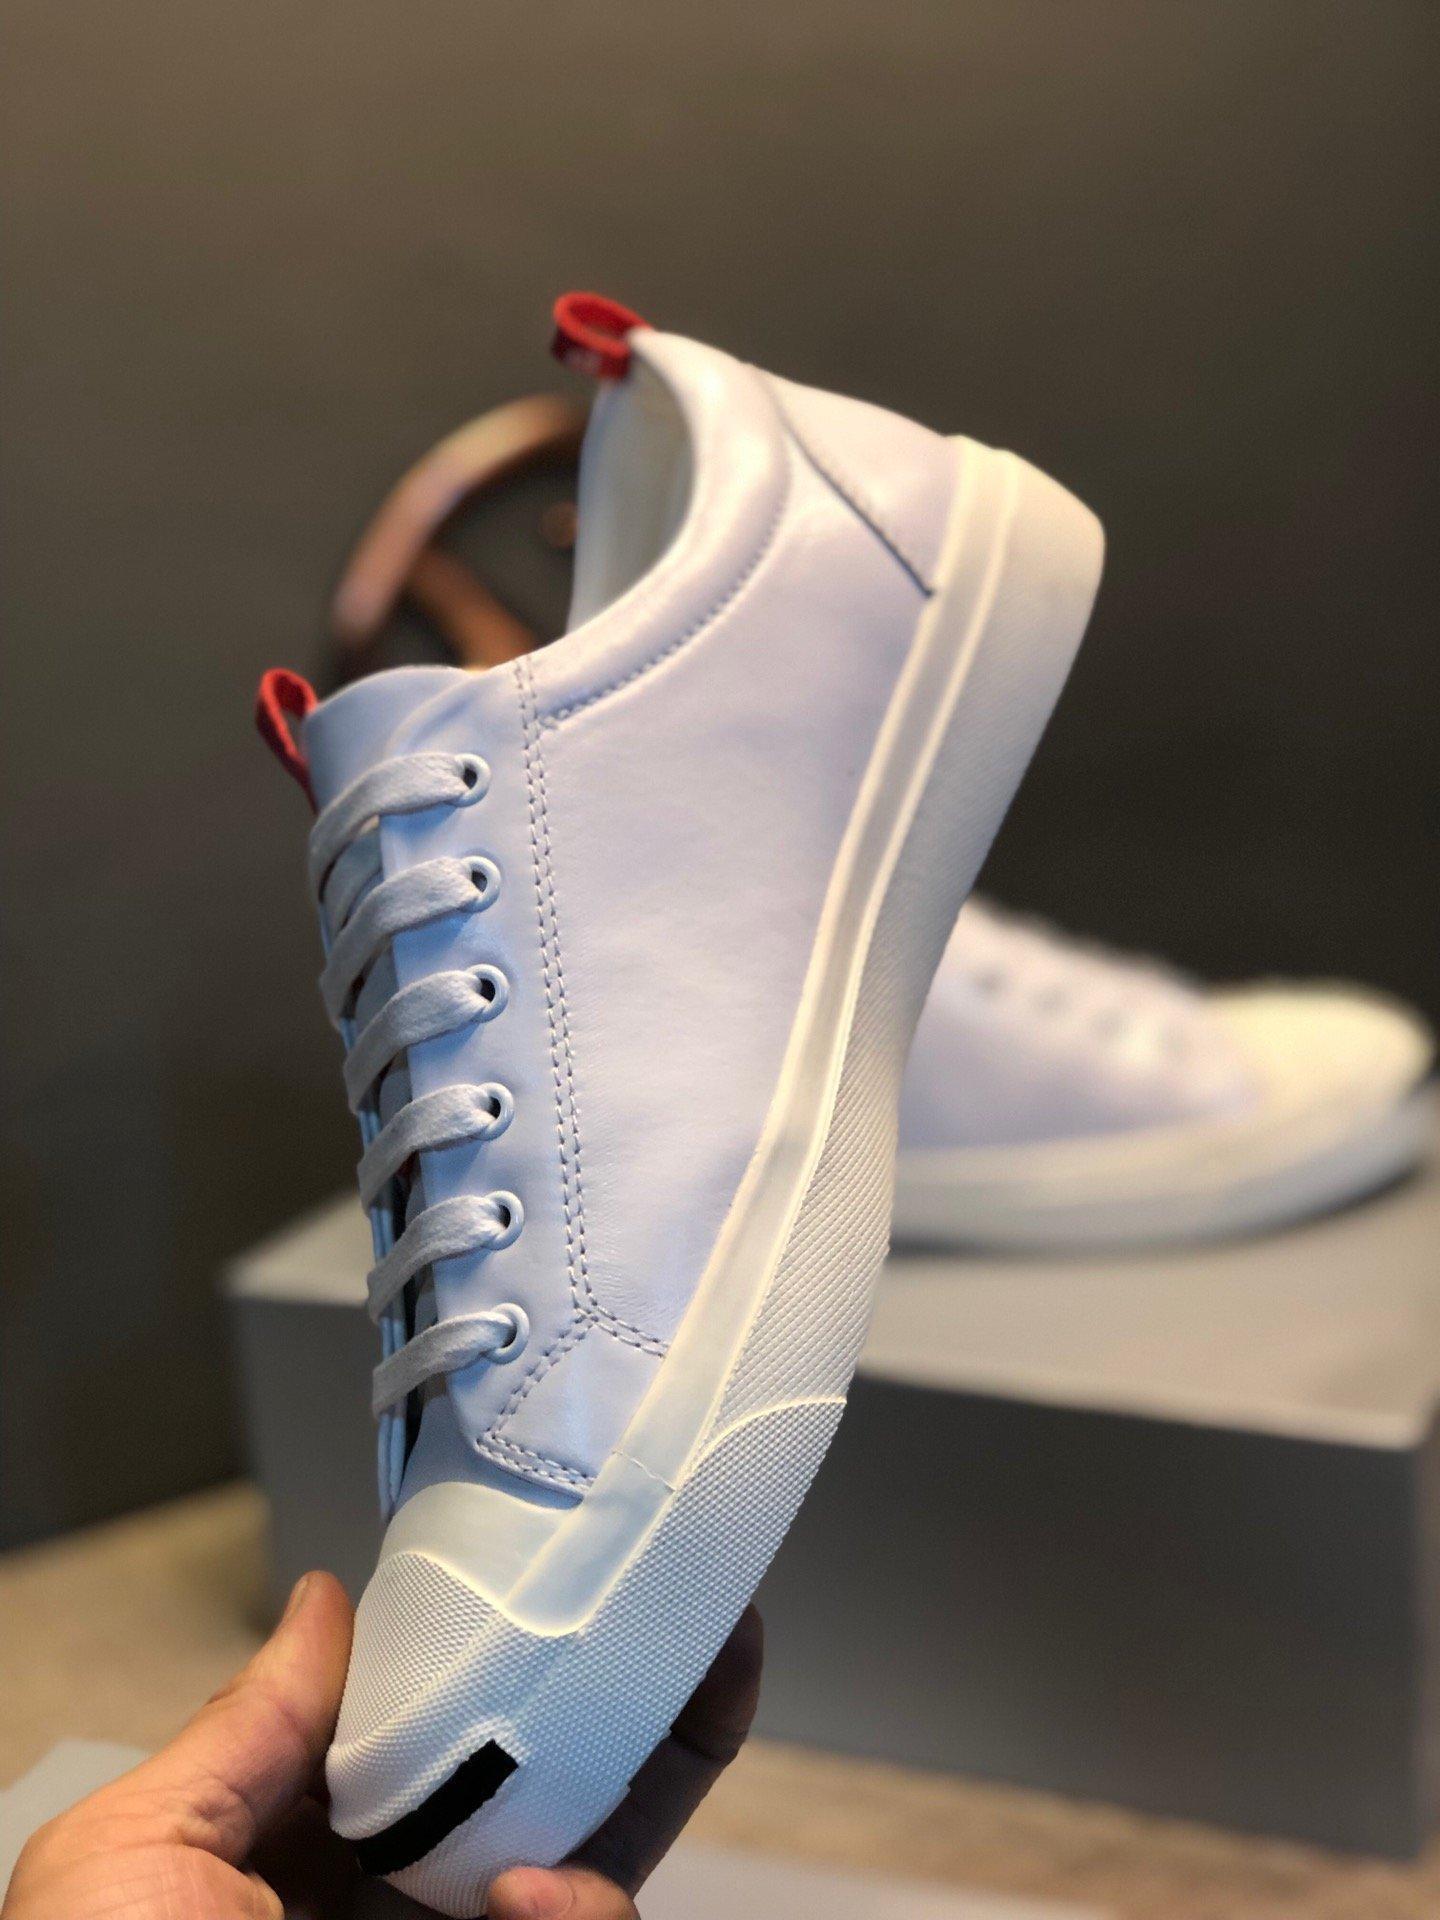 2019 высокого качества Zapatos де Diseñador пункт HOMBRE мужских кроссовки белый кожаный ремешок с смайлик Тарелка формной прогулки обувью